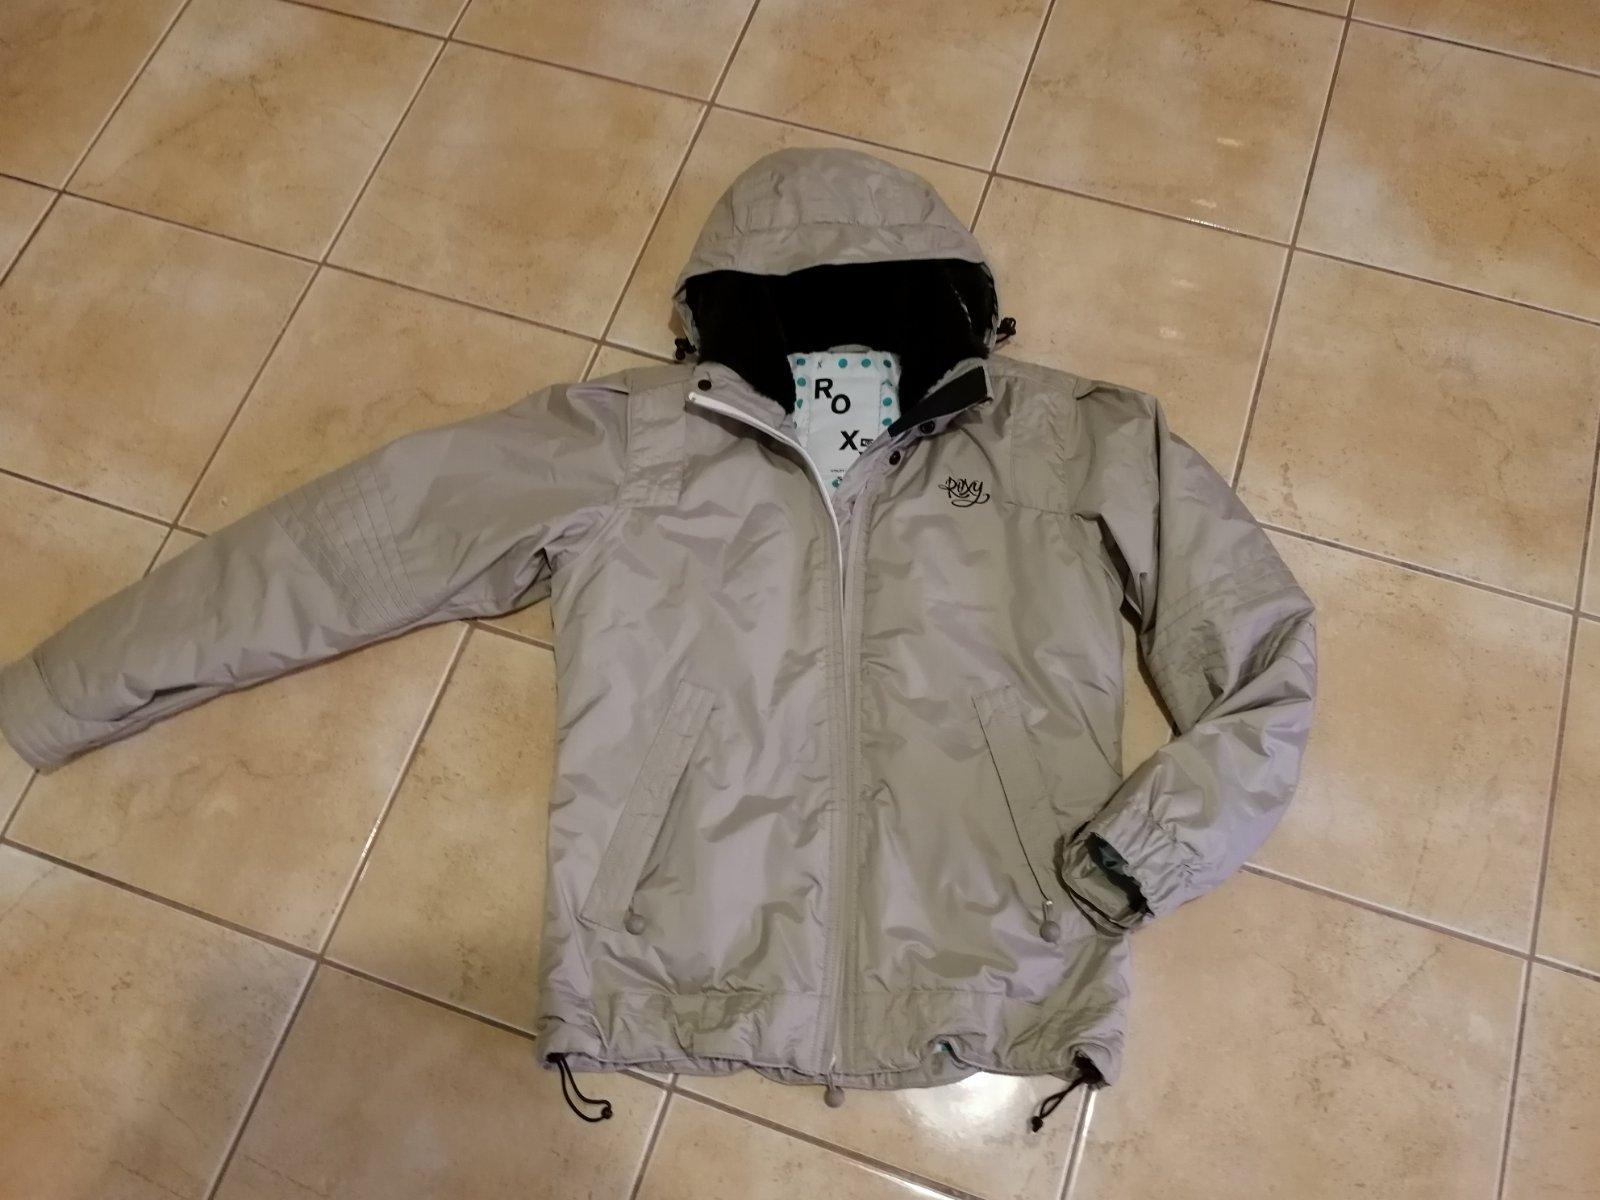 Damska znackova zimna bunda roxy 3a647dde104